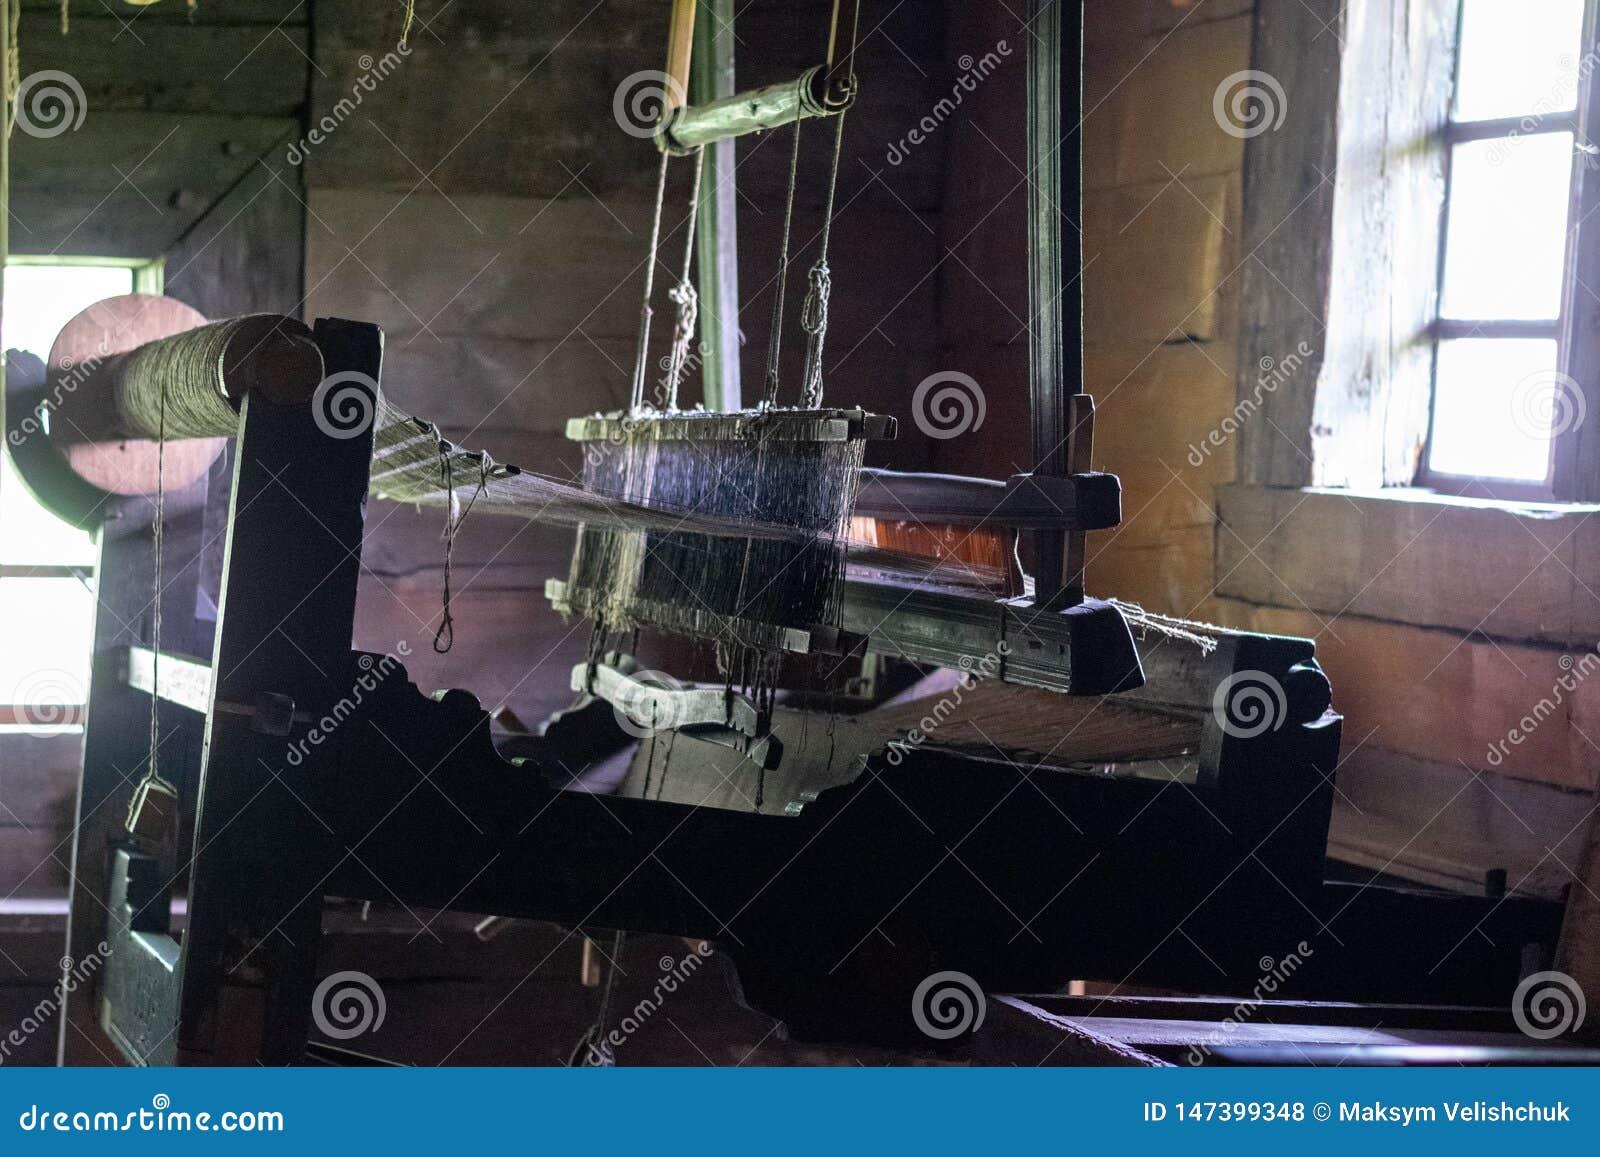 Le métier à tisser de tissage antique dans un intérieur d une hutte en bois de rondin